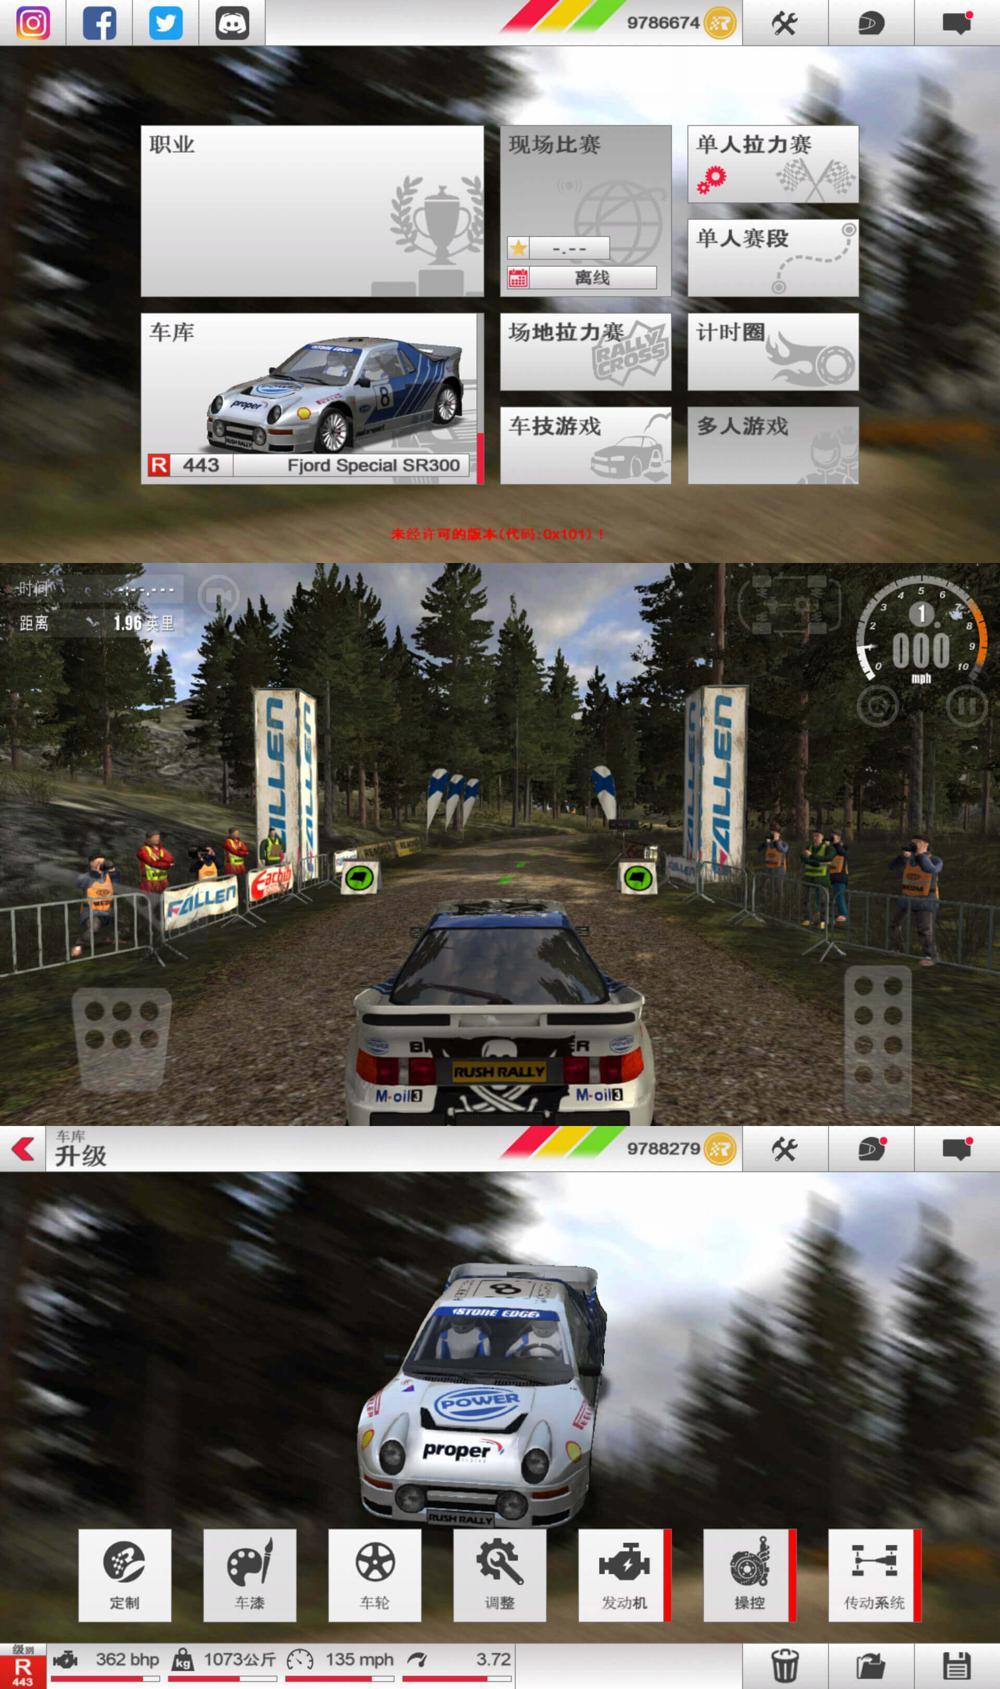 拉力赛模拟游戏 拉什拉力赛3